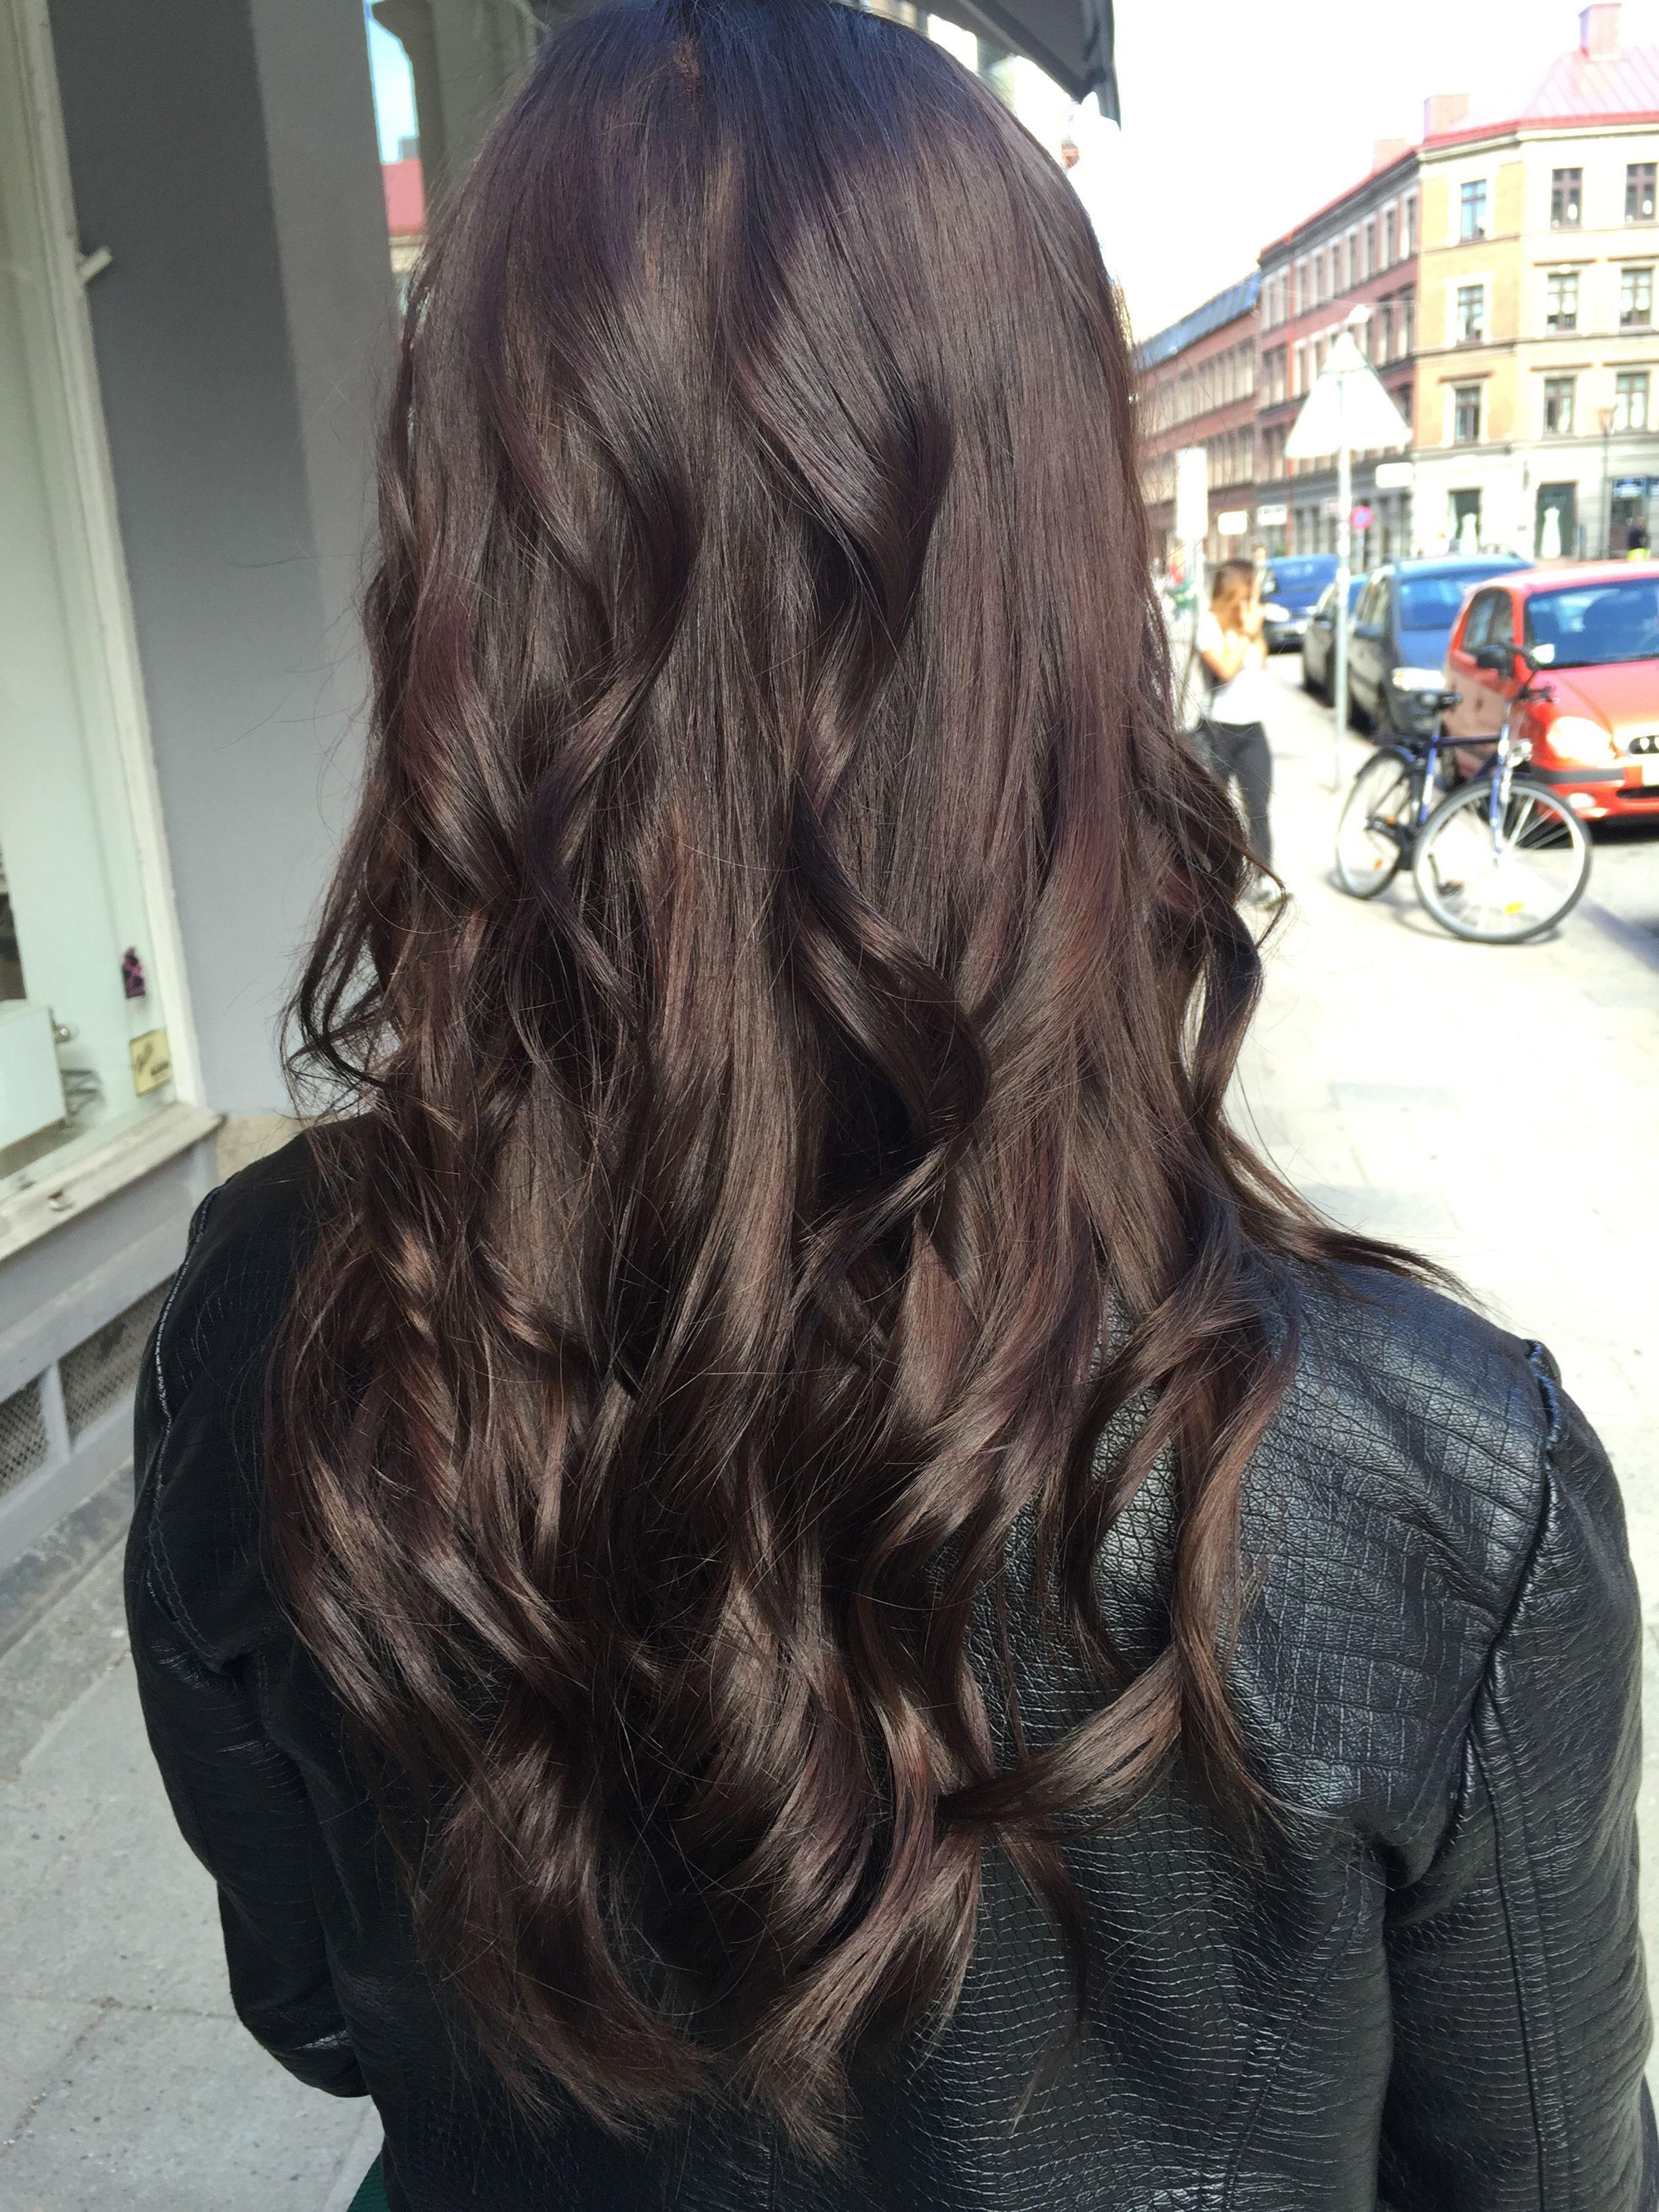 ألوان صبغات الشعر- اللون البني الشوكولاتة الداكن